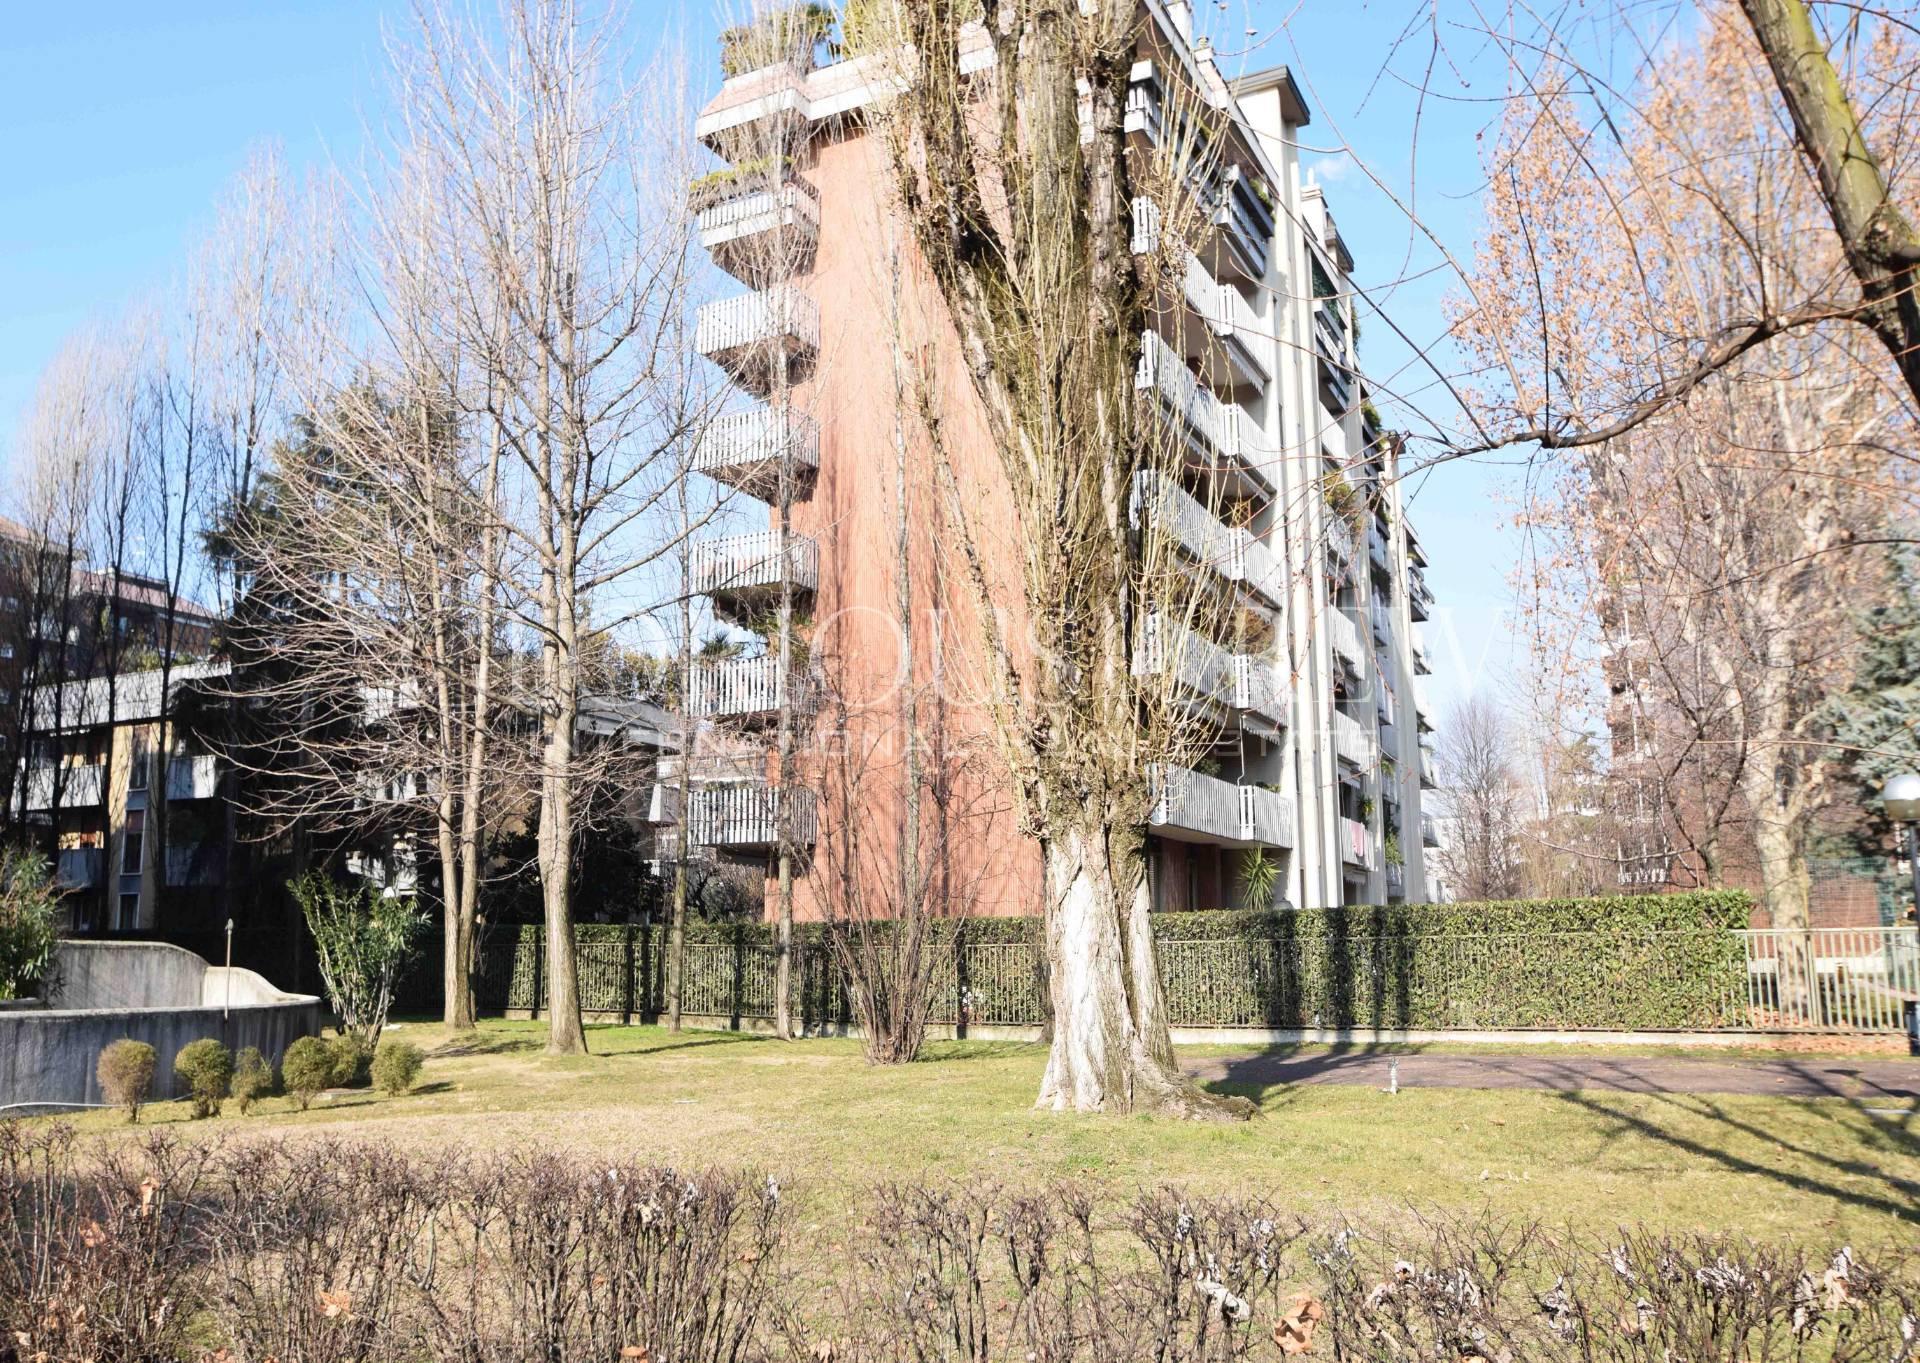 Ufficio-studio in Affitto a Milano 25 Cassala / Famagosta / Lorenteggio / Barona: 1 locali, 28 mq